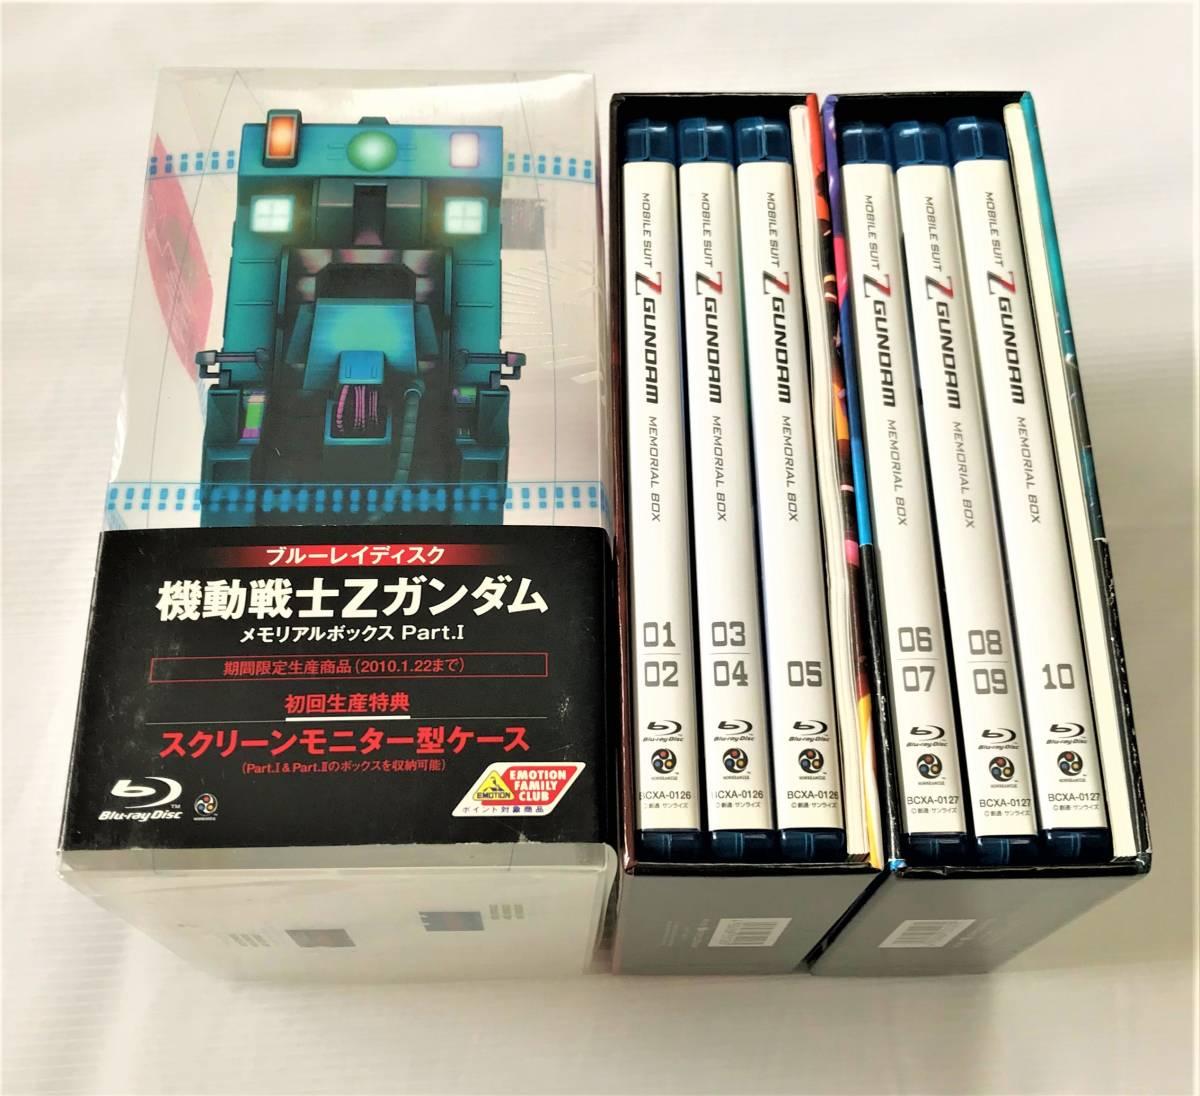 ◎盤面傷無◎ Blu-ray 機動戦士Zガンダム メモリアルボックス Part.1 & 2 2BOXセット Ⅰ Ⅱ BD ブルーレイ MEMORIAL_画像2